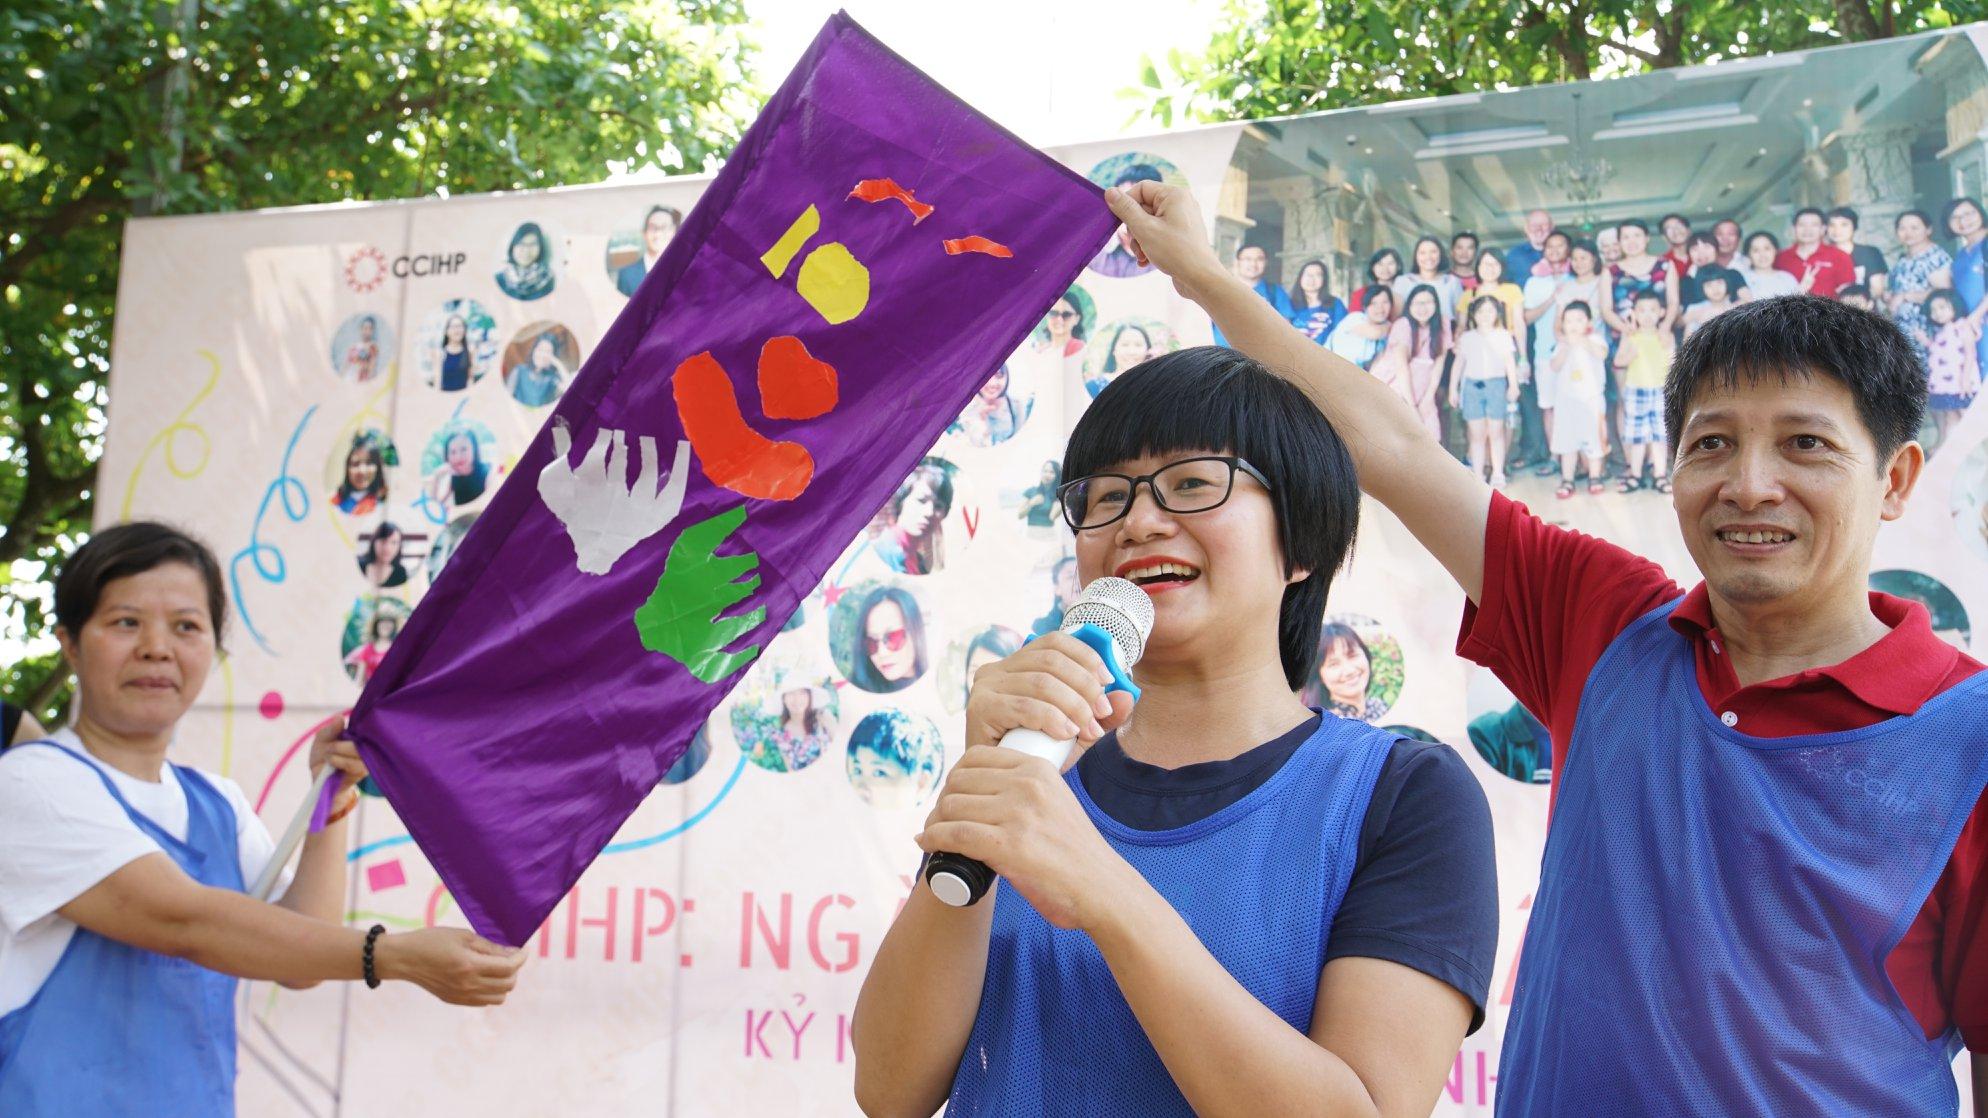 CCIHP - Team và flag